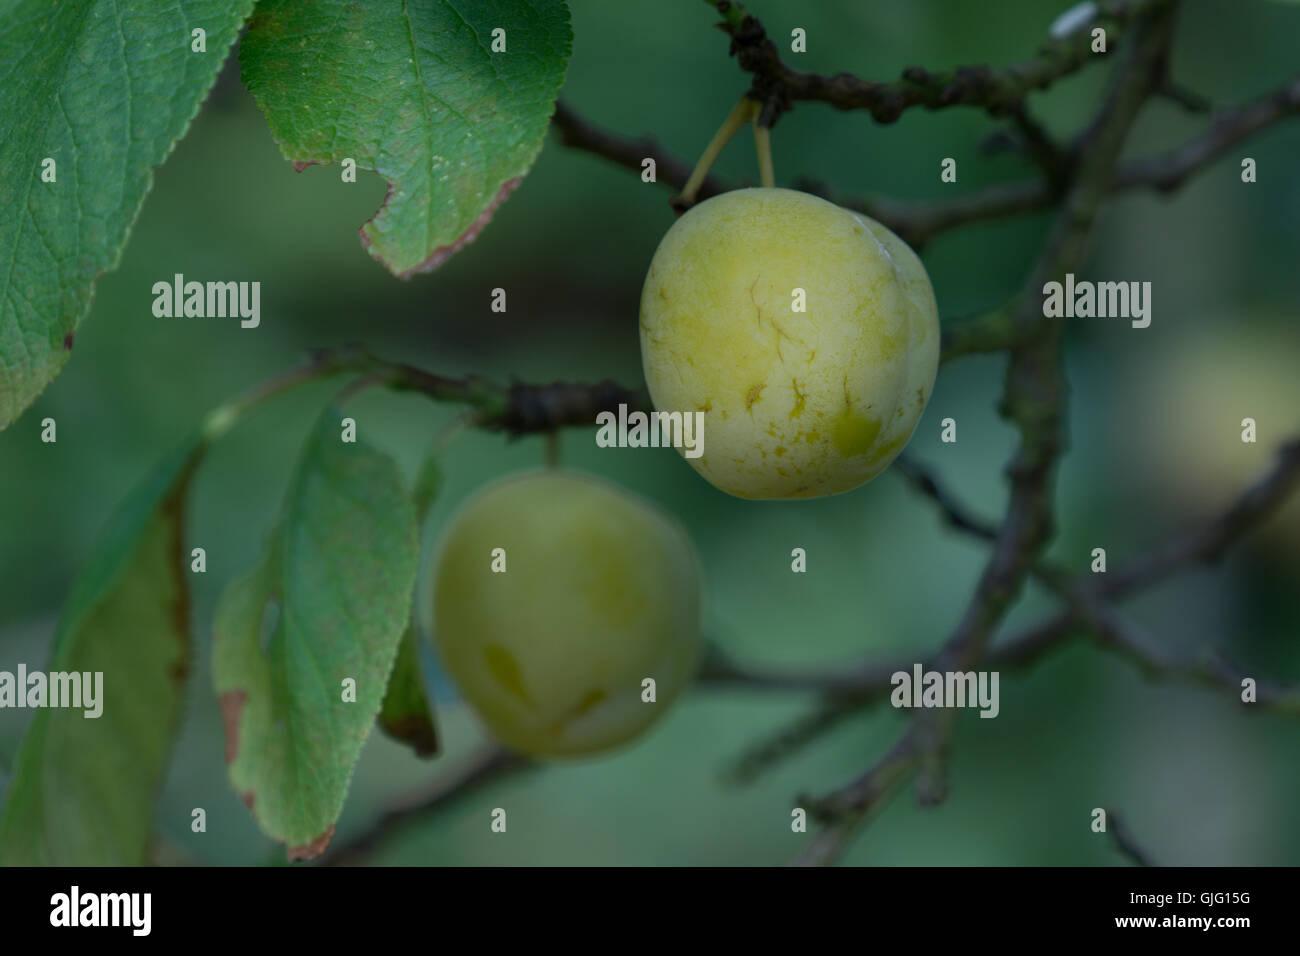 Un maturo prugna noto come un Oullins Gage appeso a un albero pronto per il raccolto. Immagini Stock